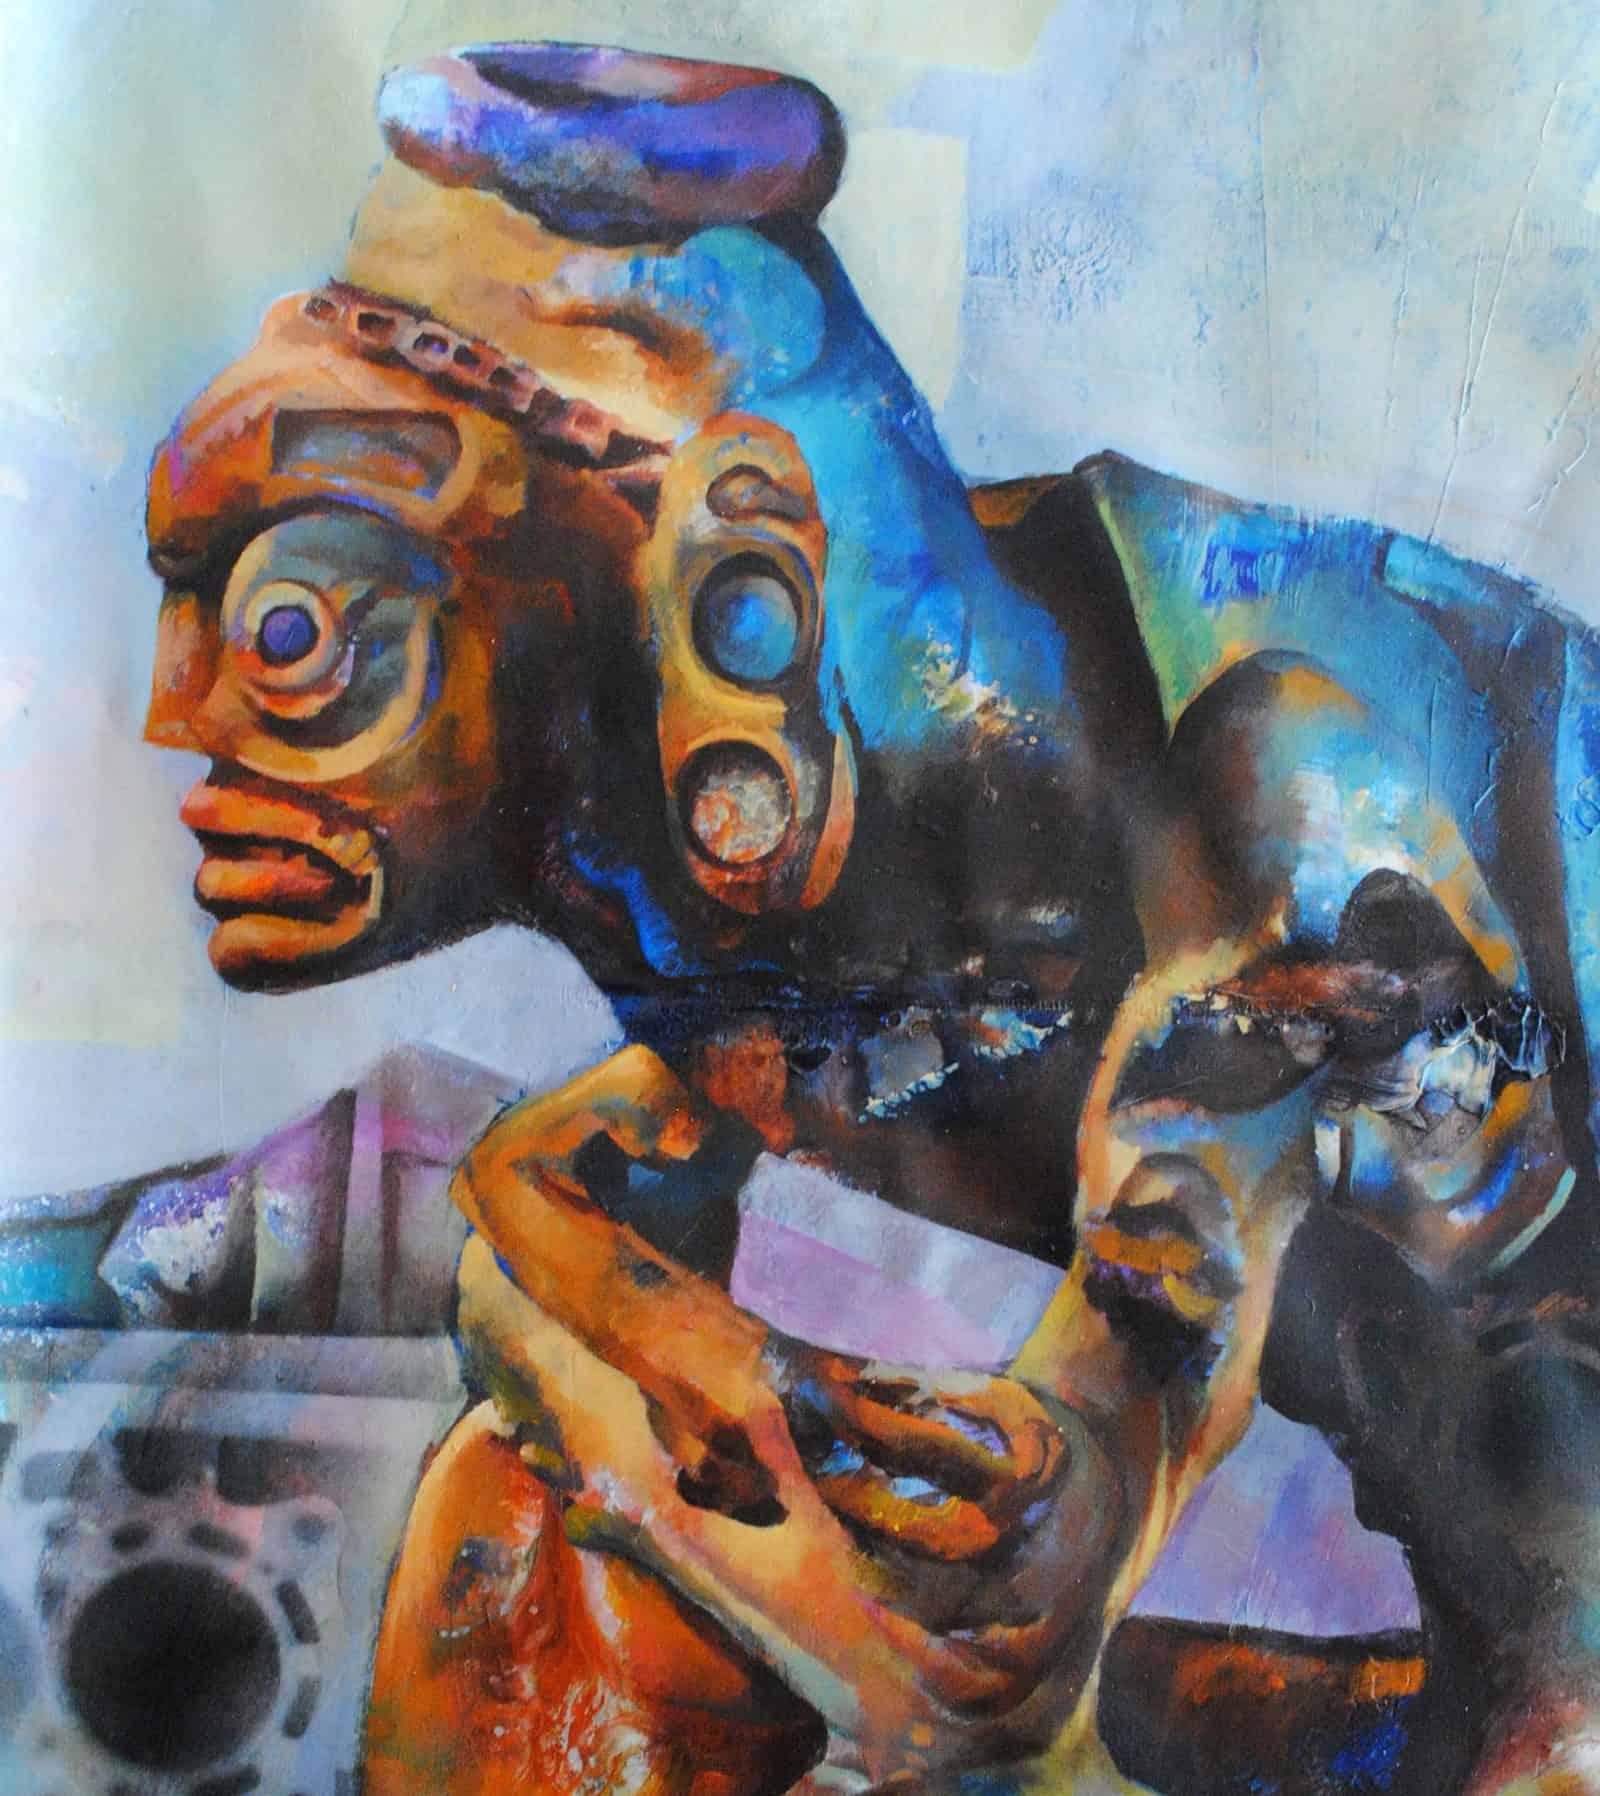 Transcultural: A Mural by Rigo Peralta